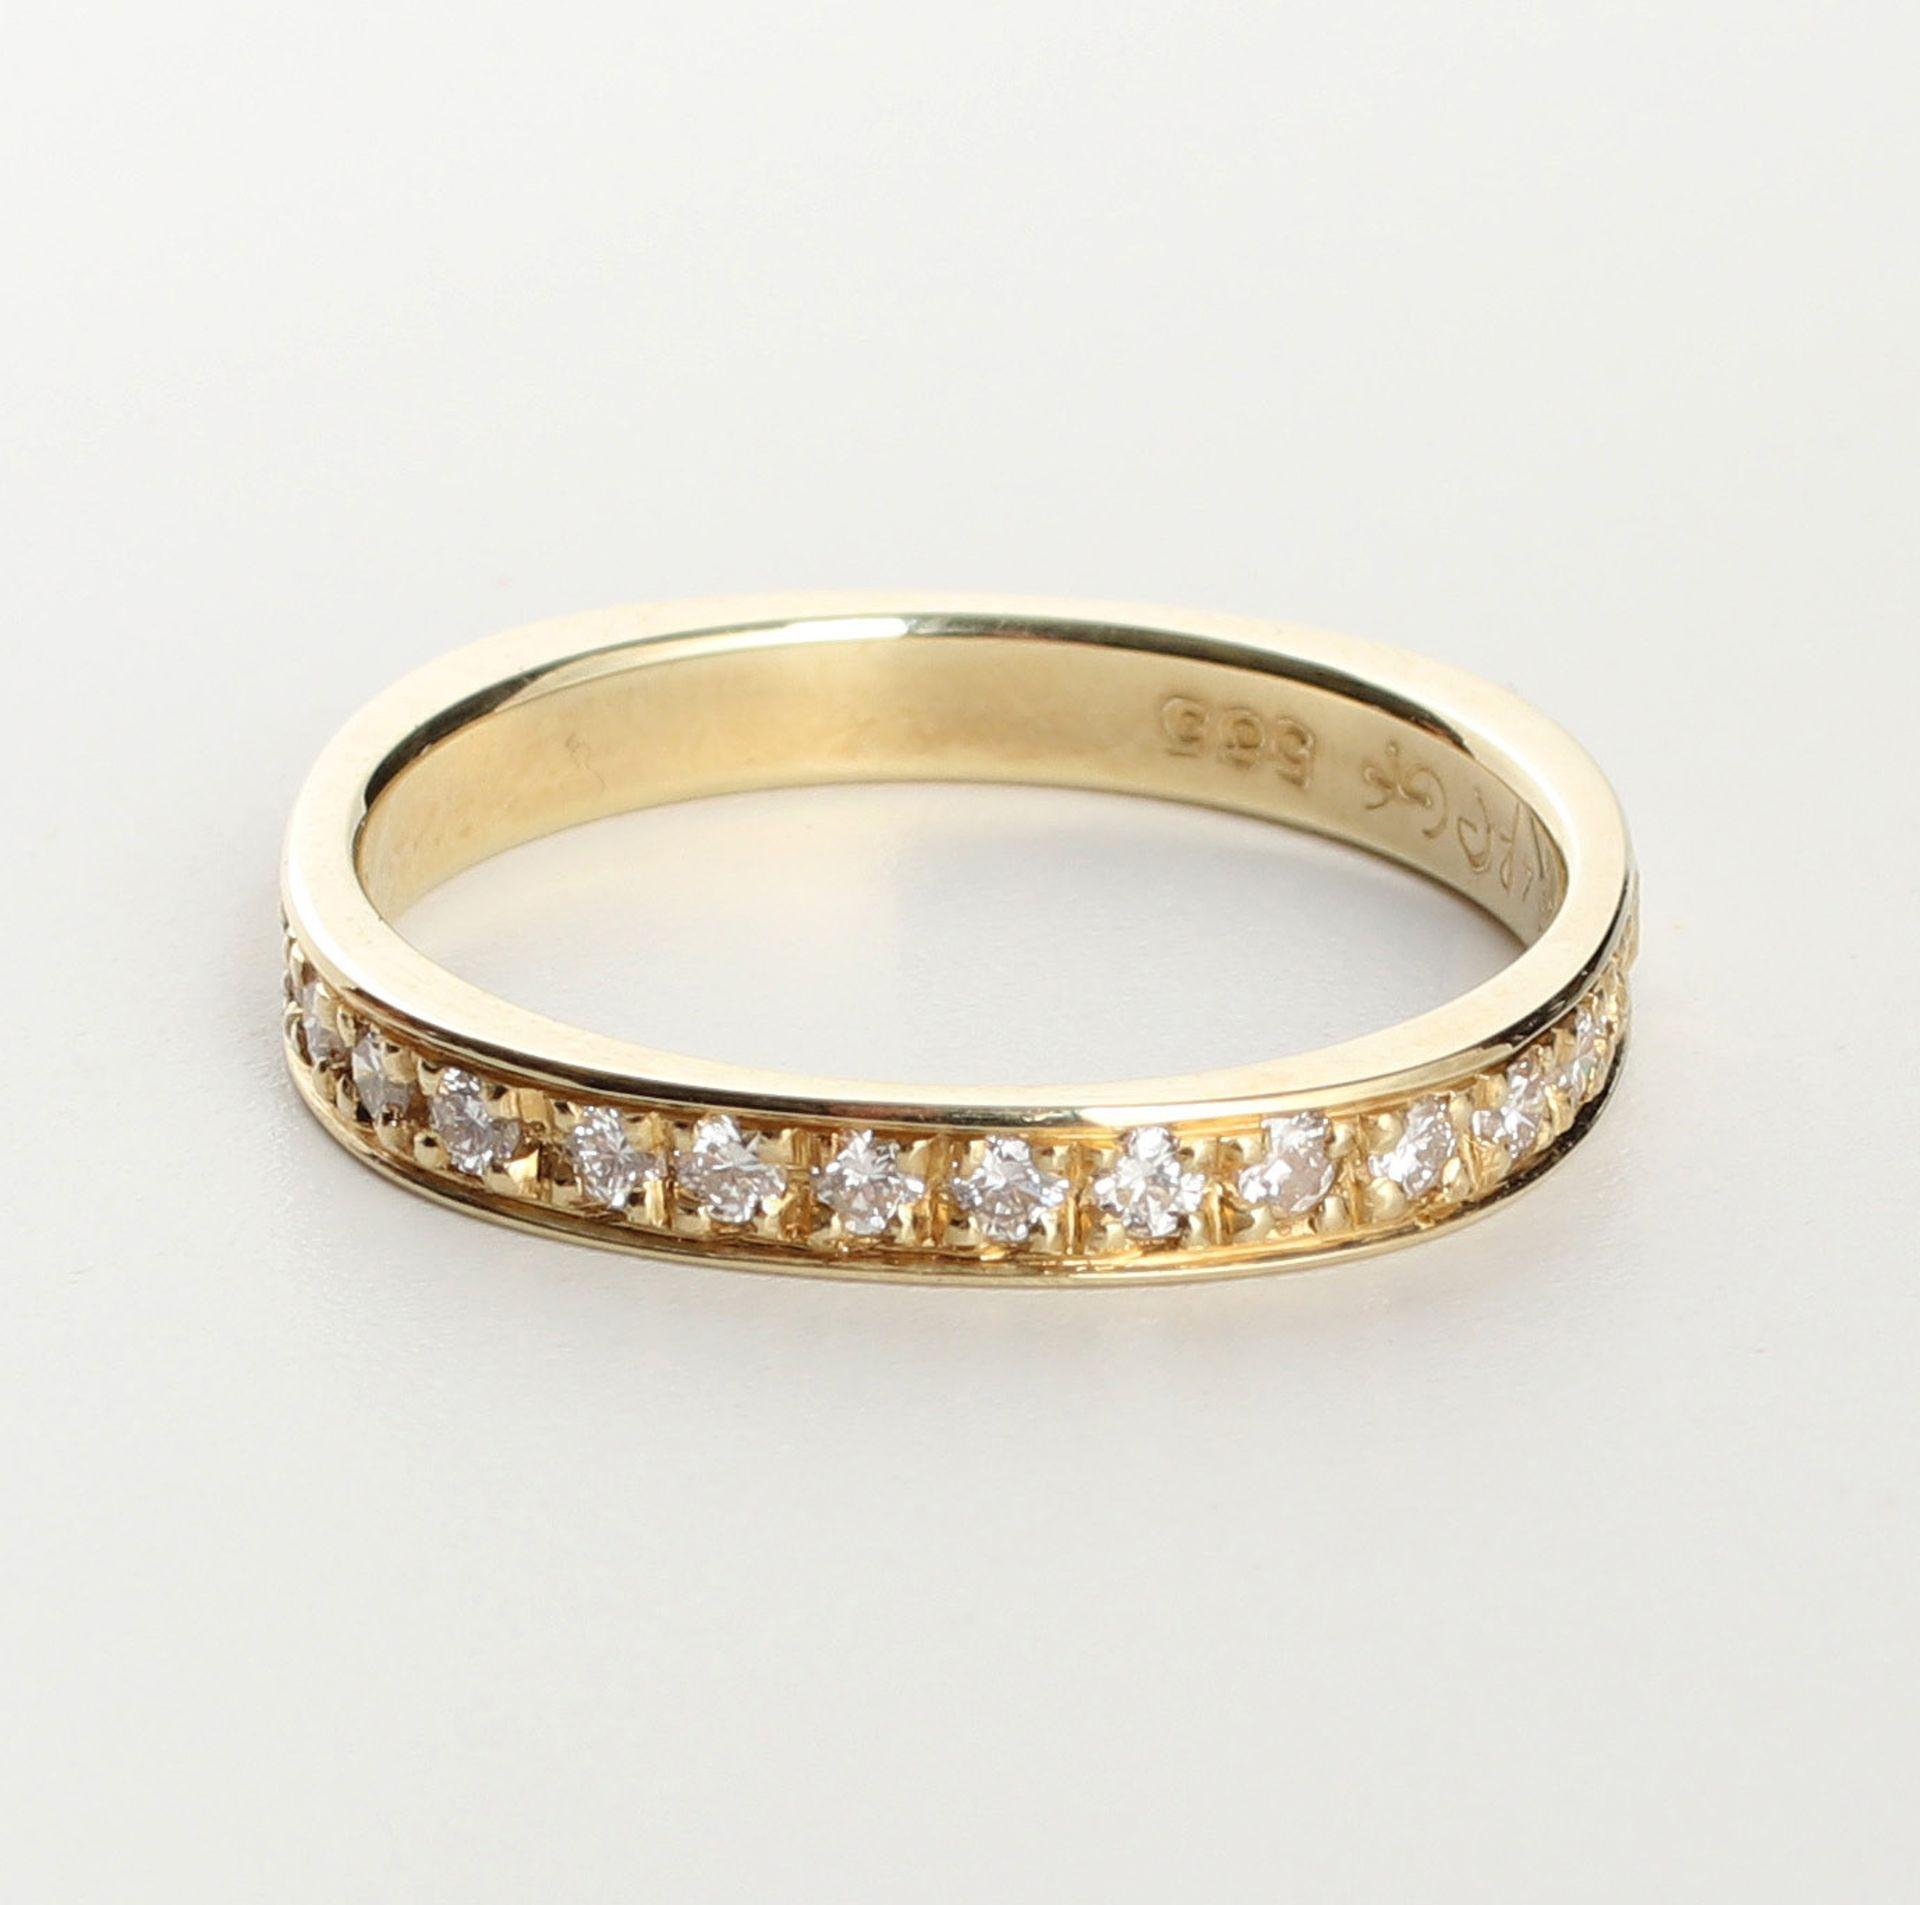 Ring, 585 GG